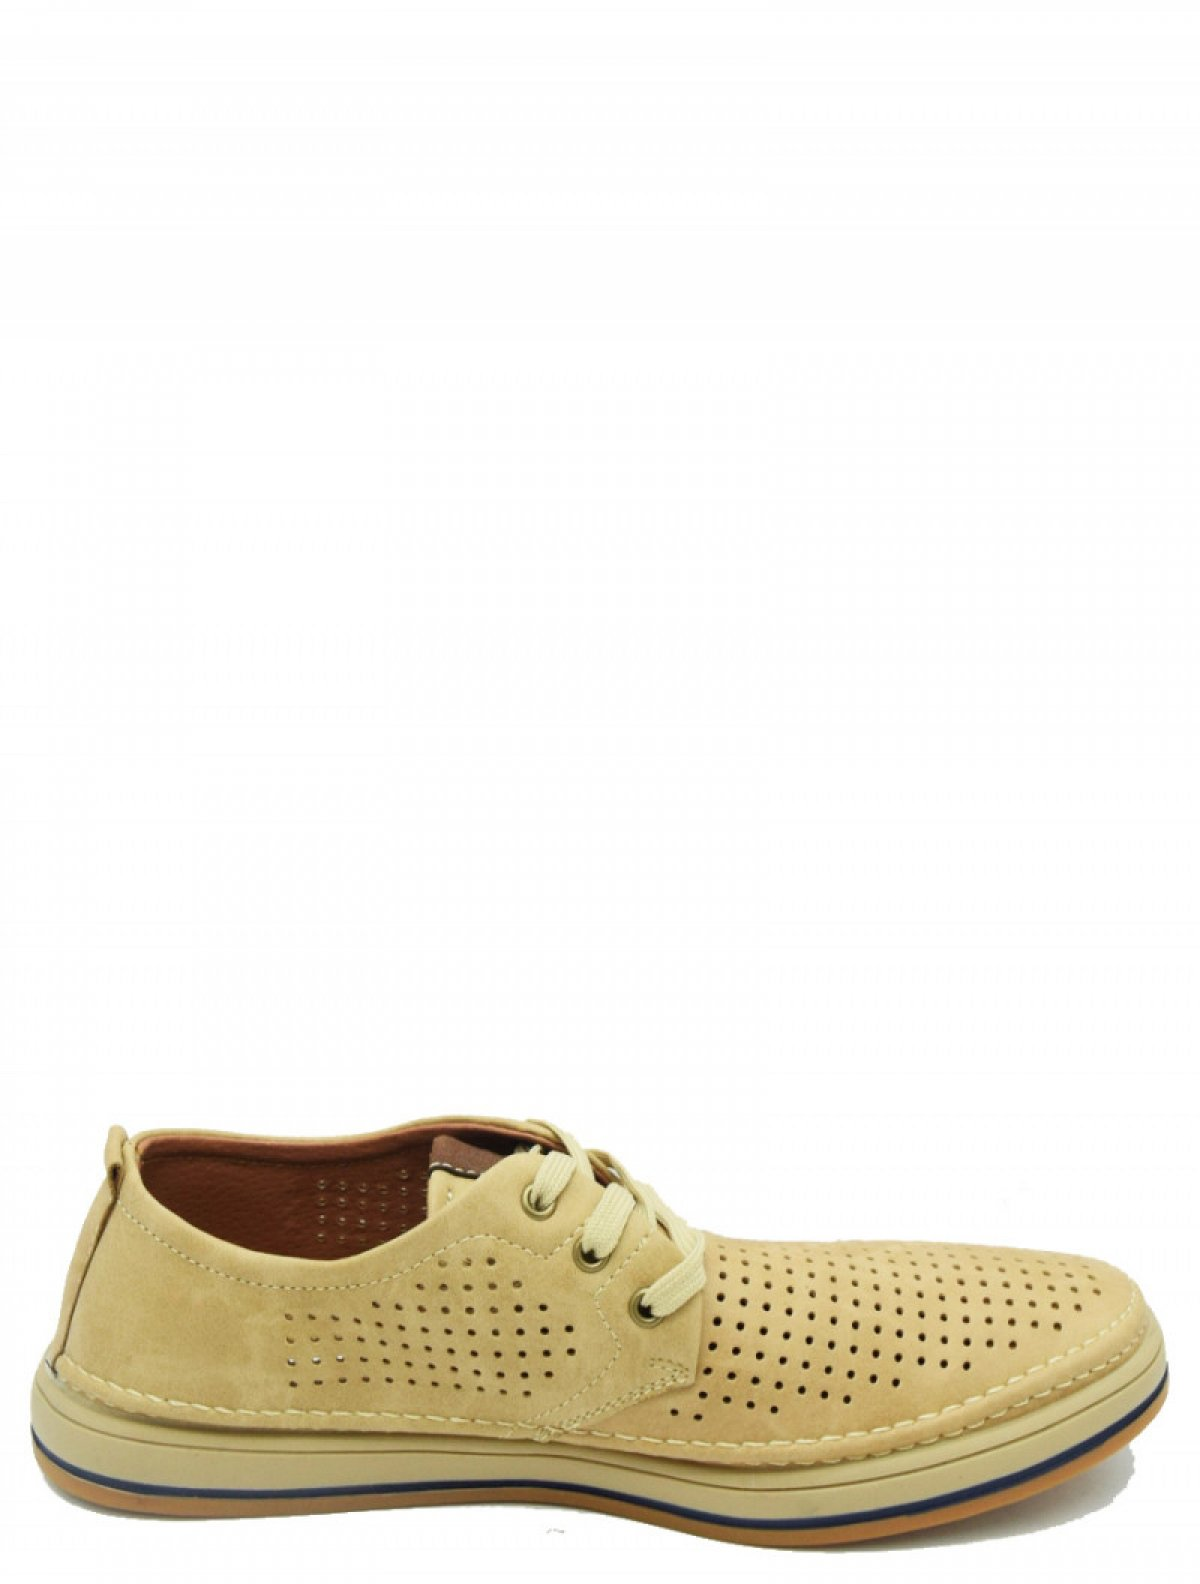 Carido D1766-5 мужские туфли